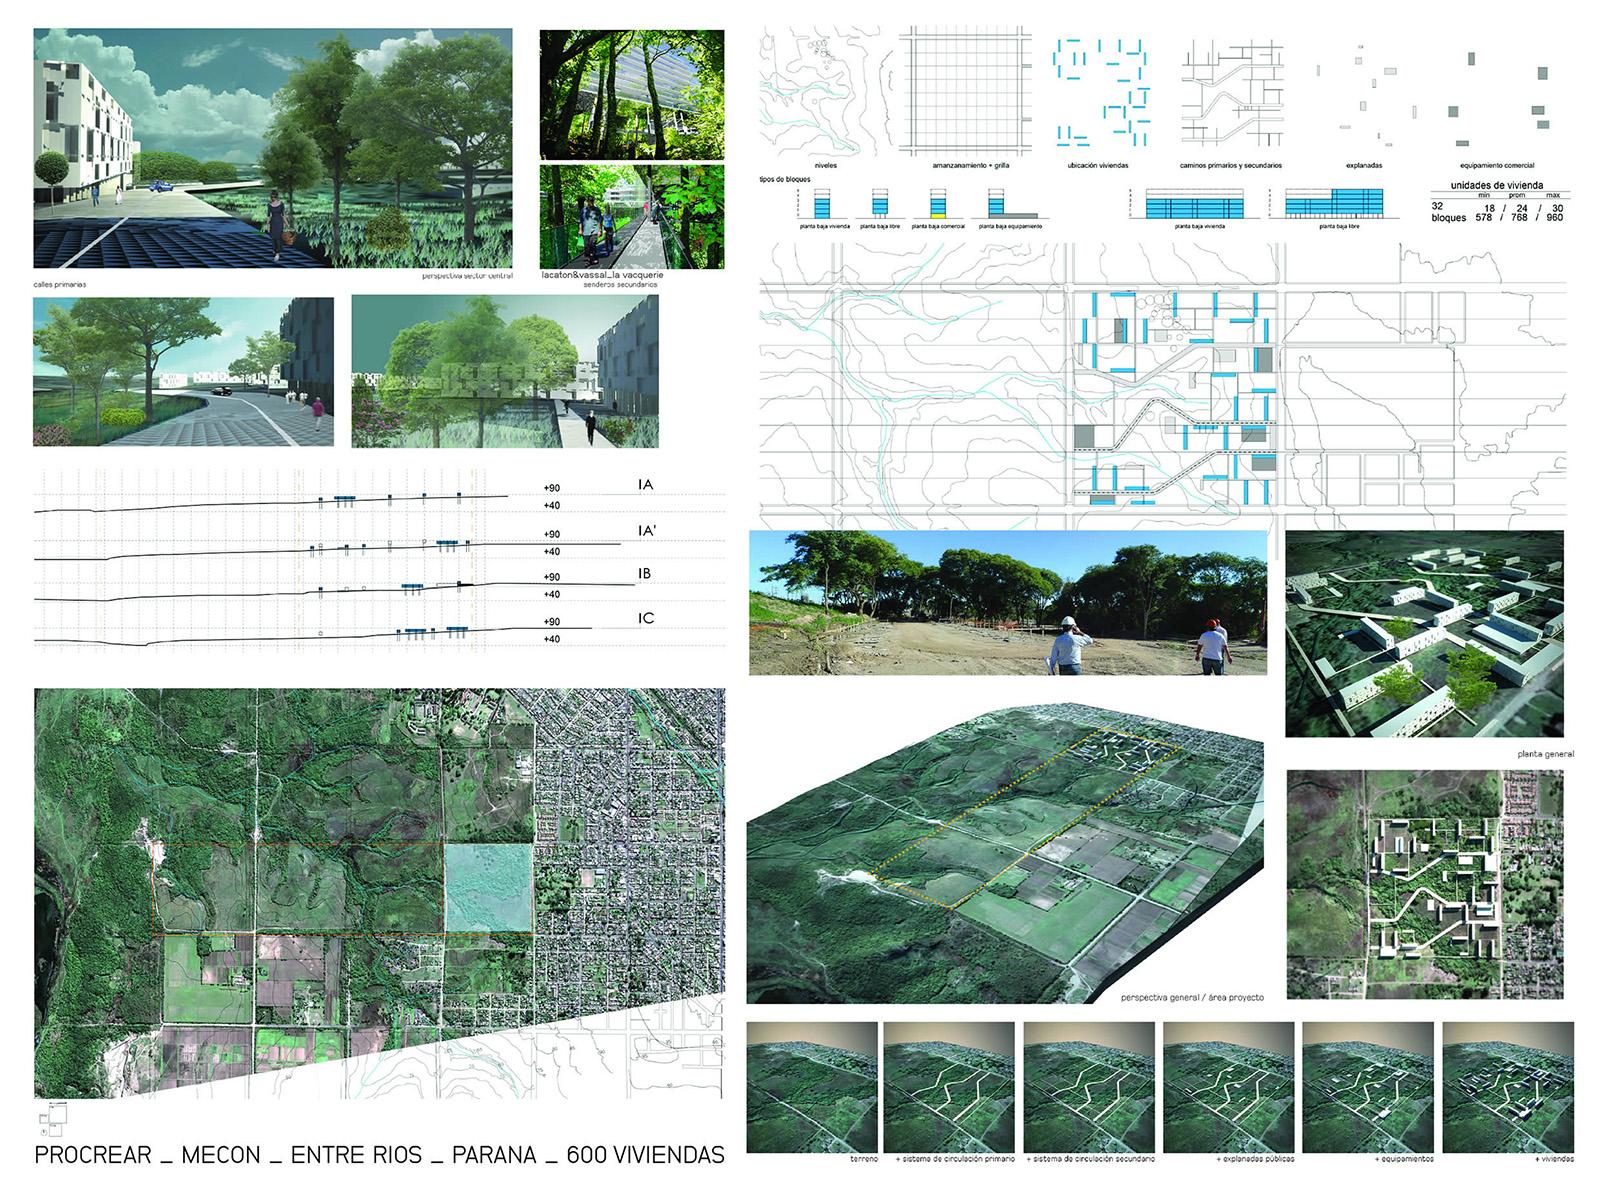 procrear_graficos_10_parana-01-01